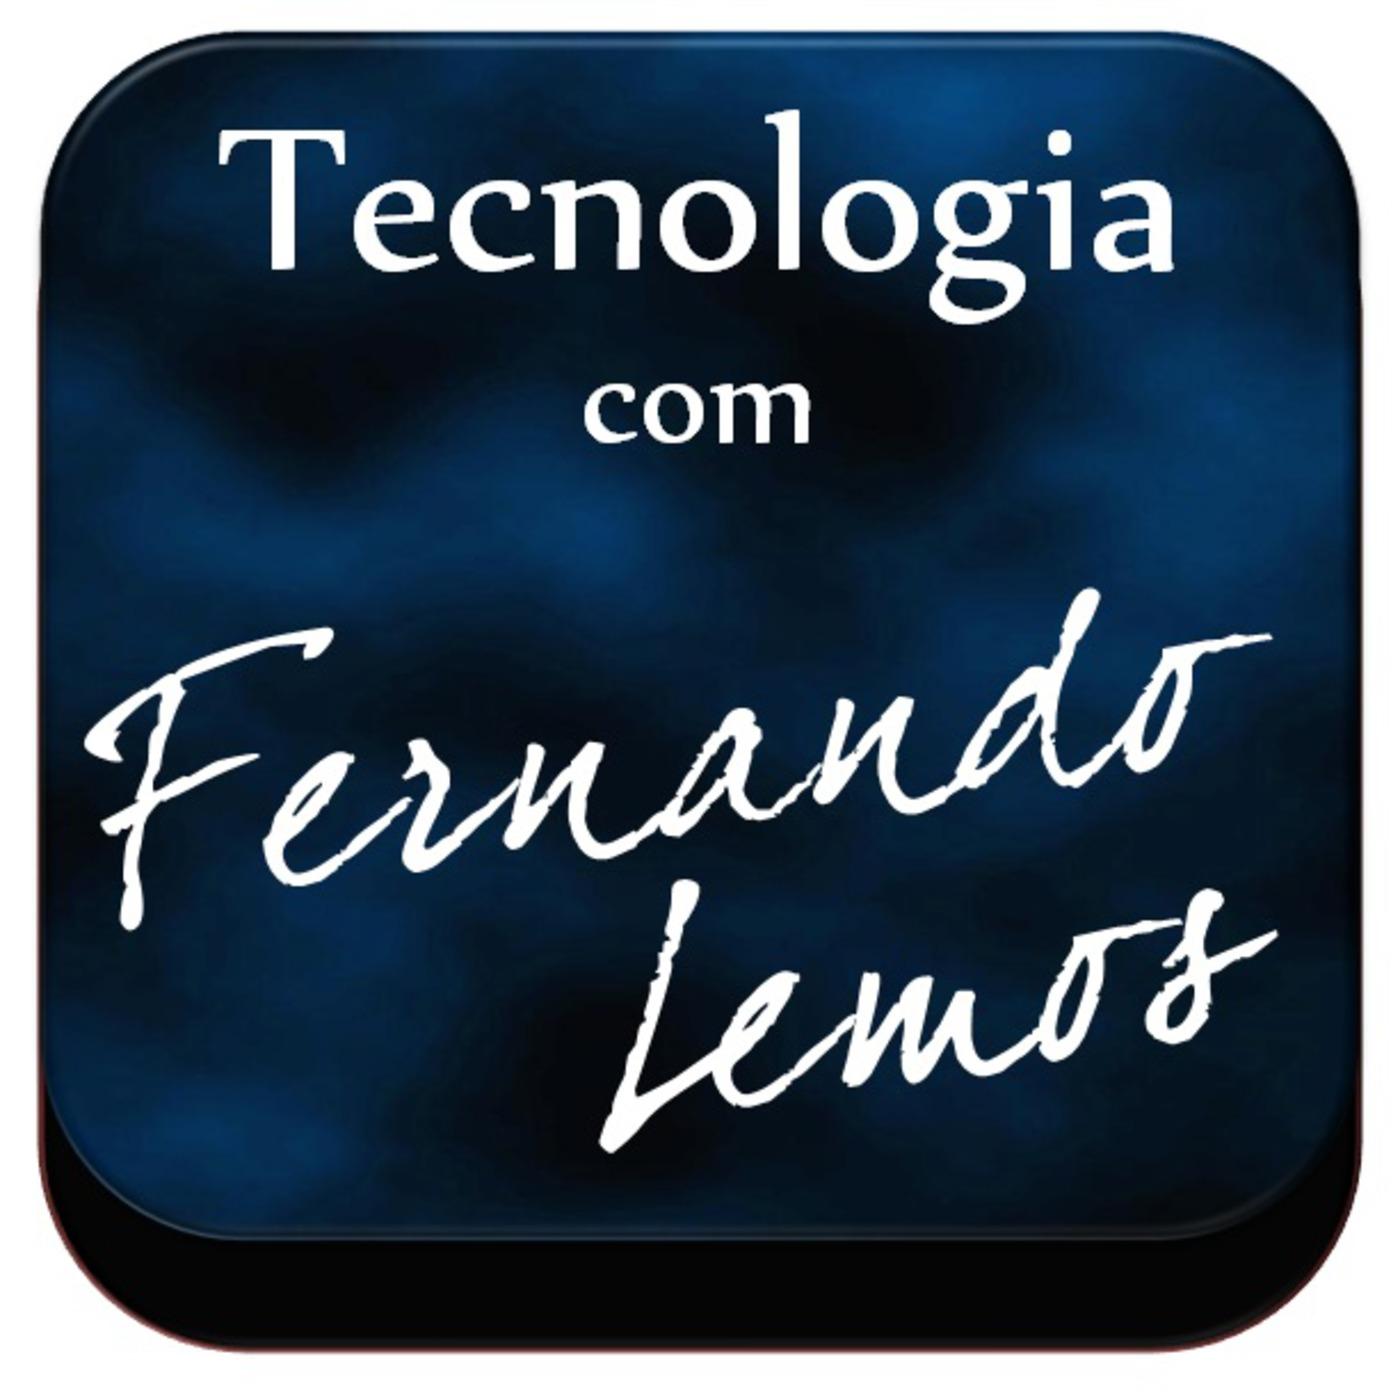 Tecnologia com Fernando Lemos - Podcast